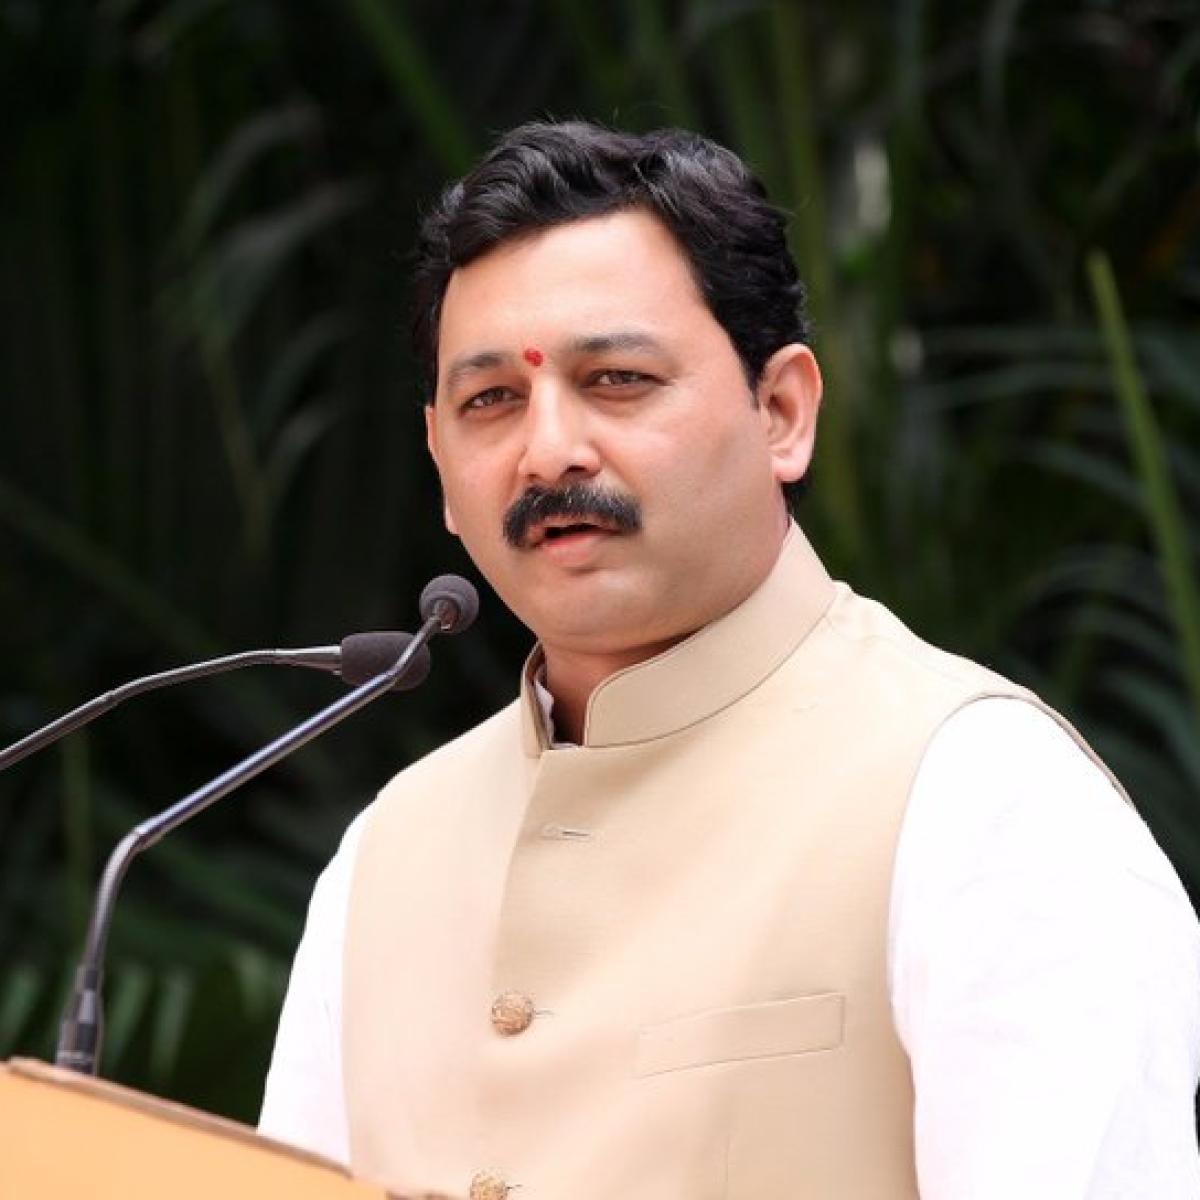 Maratha quota: SC order against the sentiments of the Maratha community, says Chhatrapati Sambhajiraje